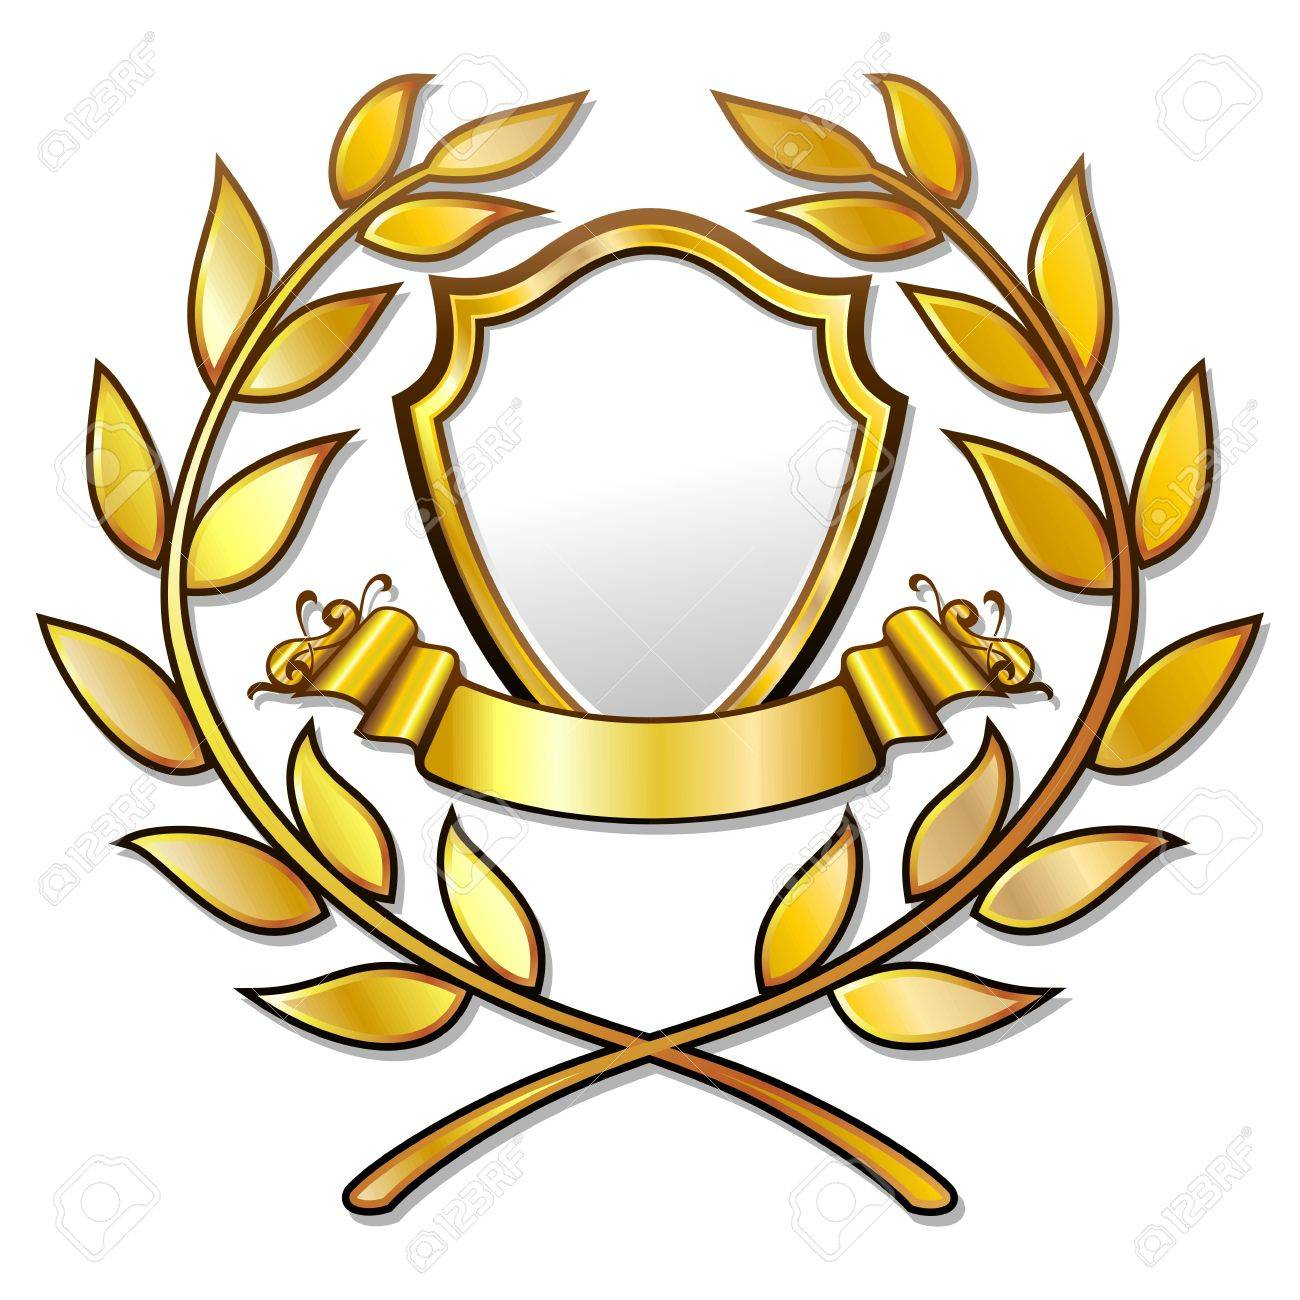 Golden Award Template with Laurels Stock Vector - 17717228